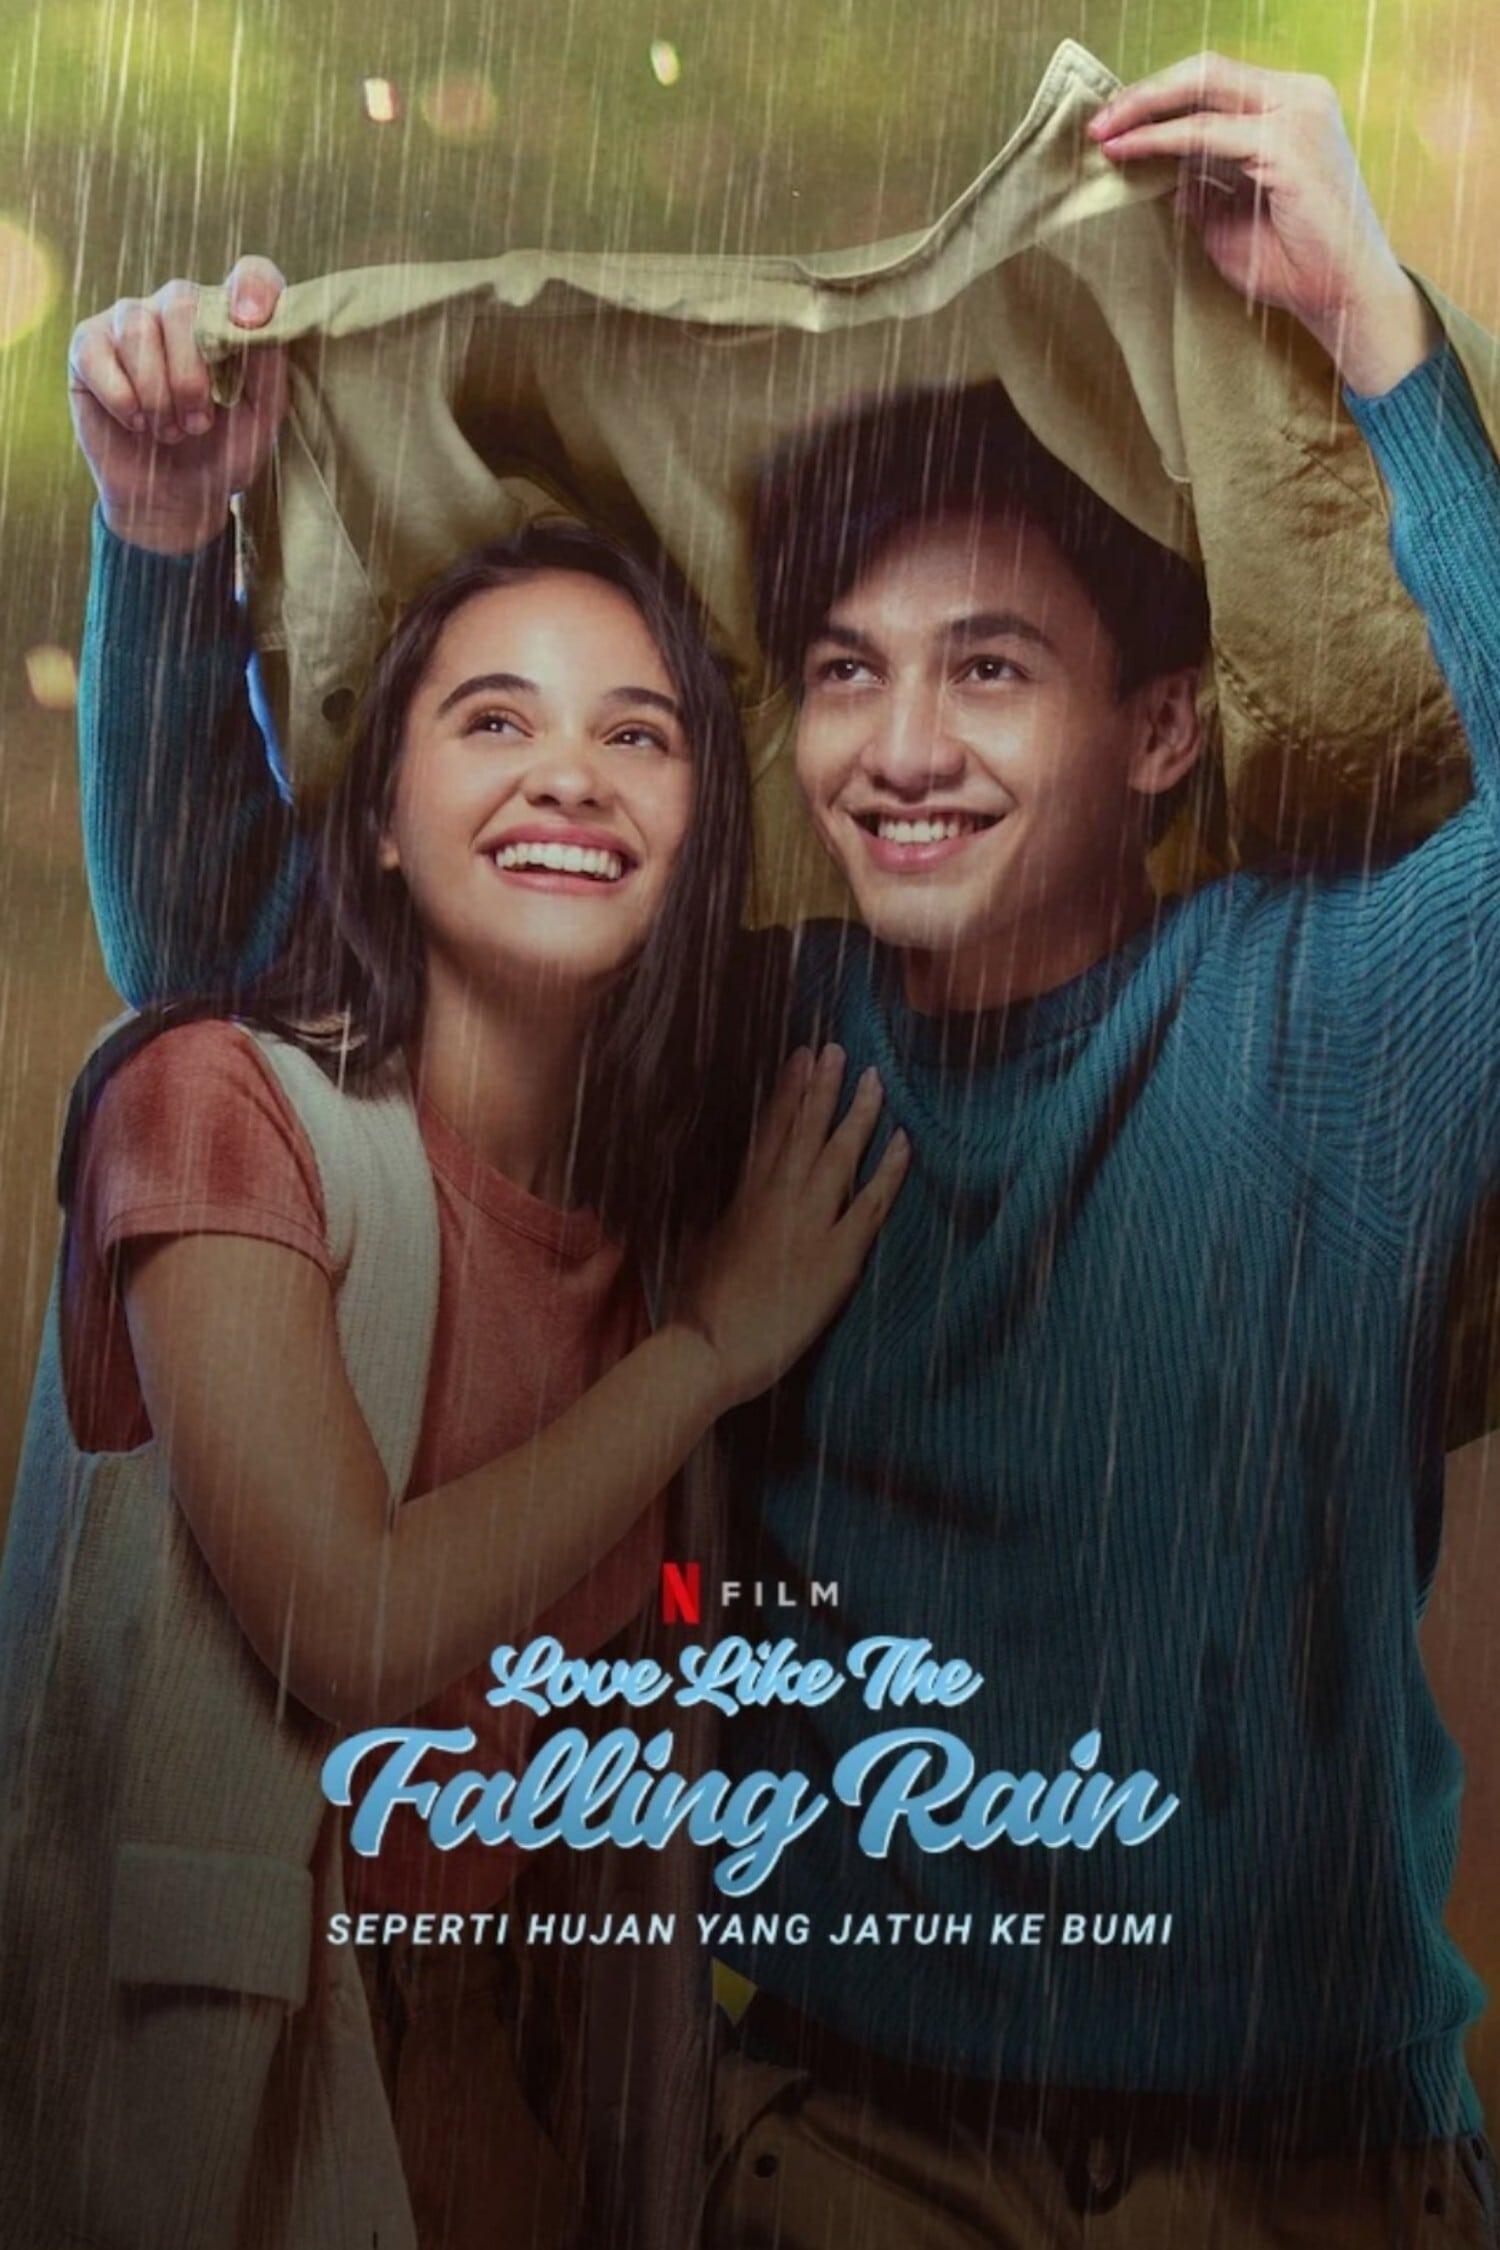 Download Seperti Hujan Yang Jatuh Ke Bumi (2020) Full Movie   Stream Seperti Hujan Yang Jatuh Ke Bumi (2020) Full HD   Watch Seperti Hujan Yang Jatuh Ke Bumi (2020)   Free Download Seperti Hujan Yang Jatuh Ke Bumi (2020) Full Movie